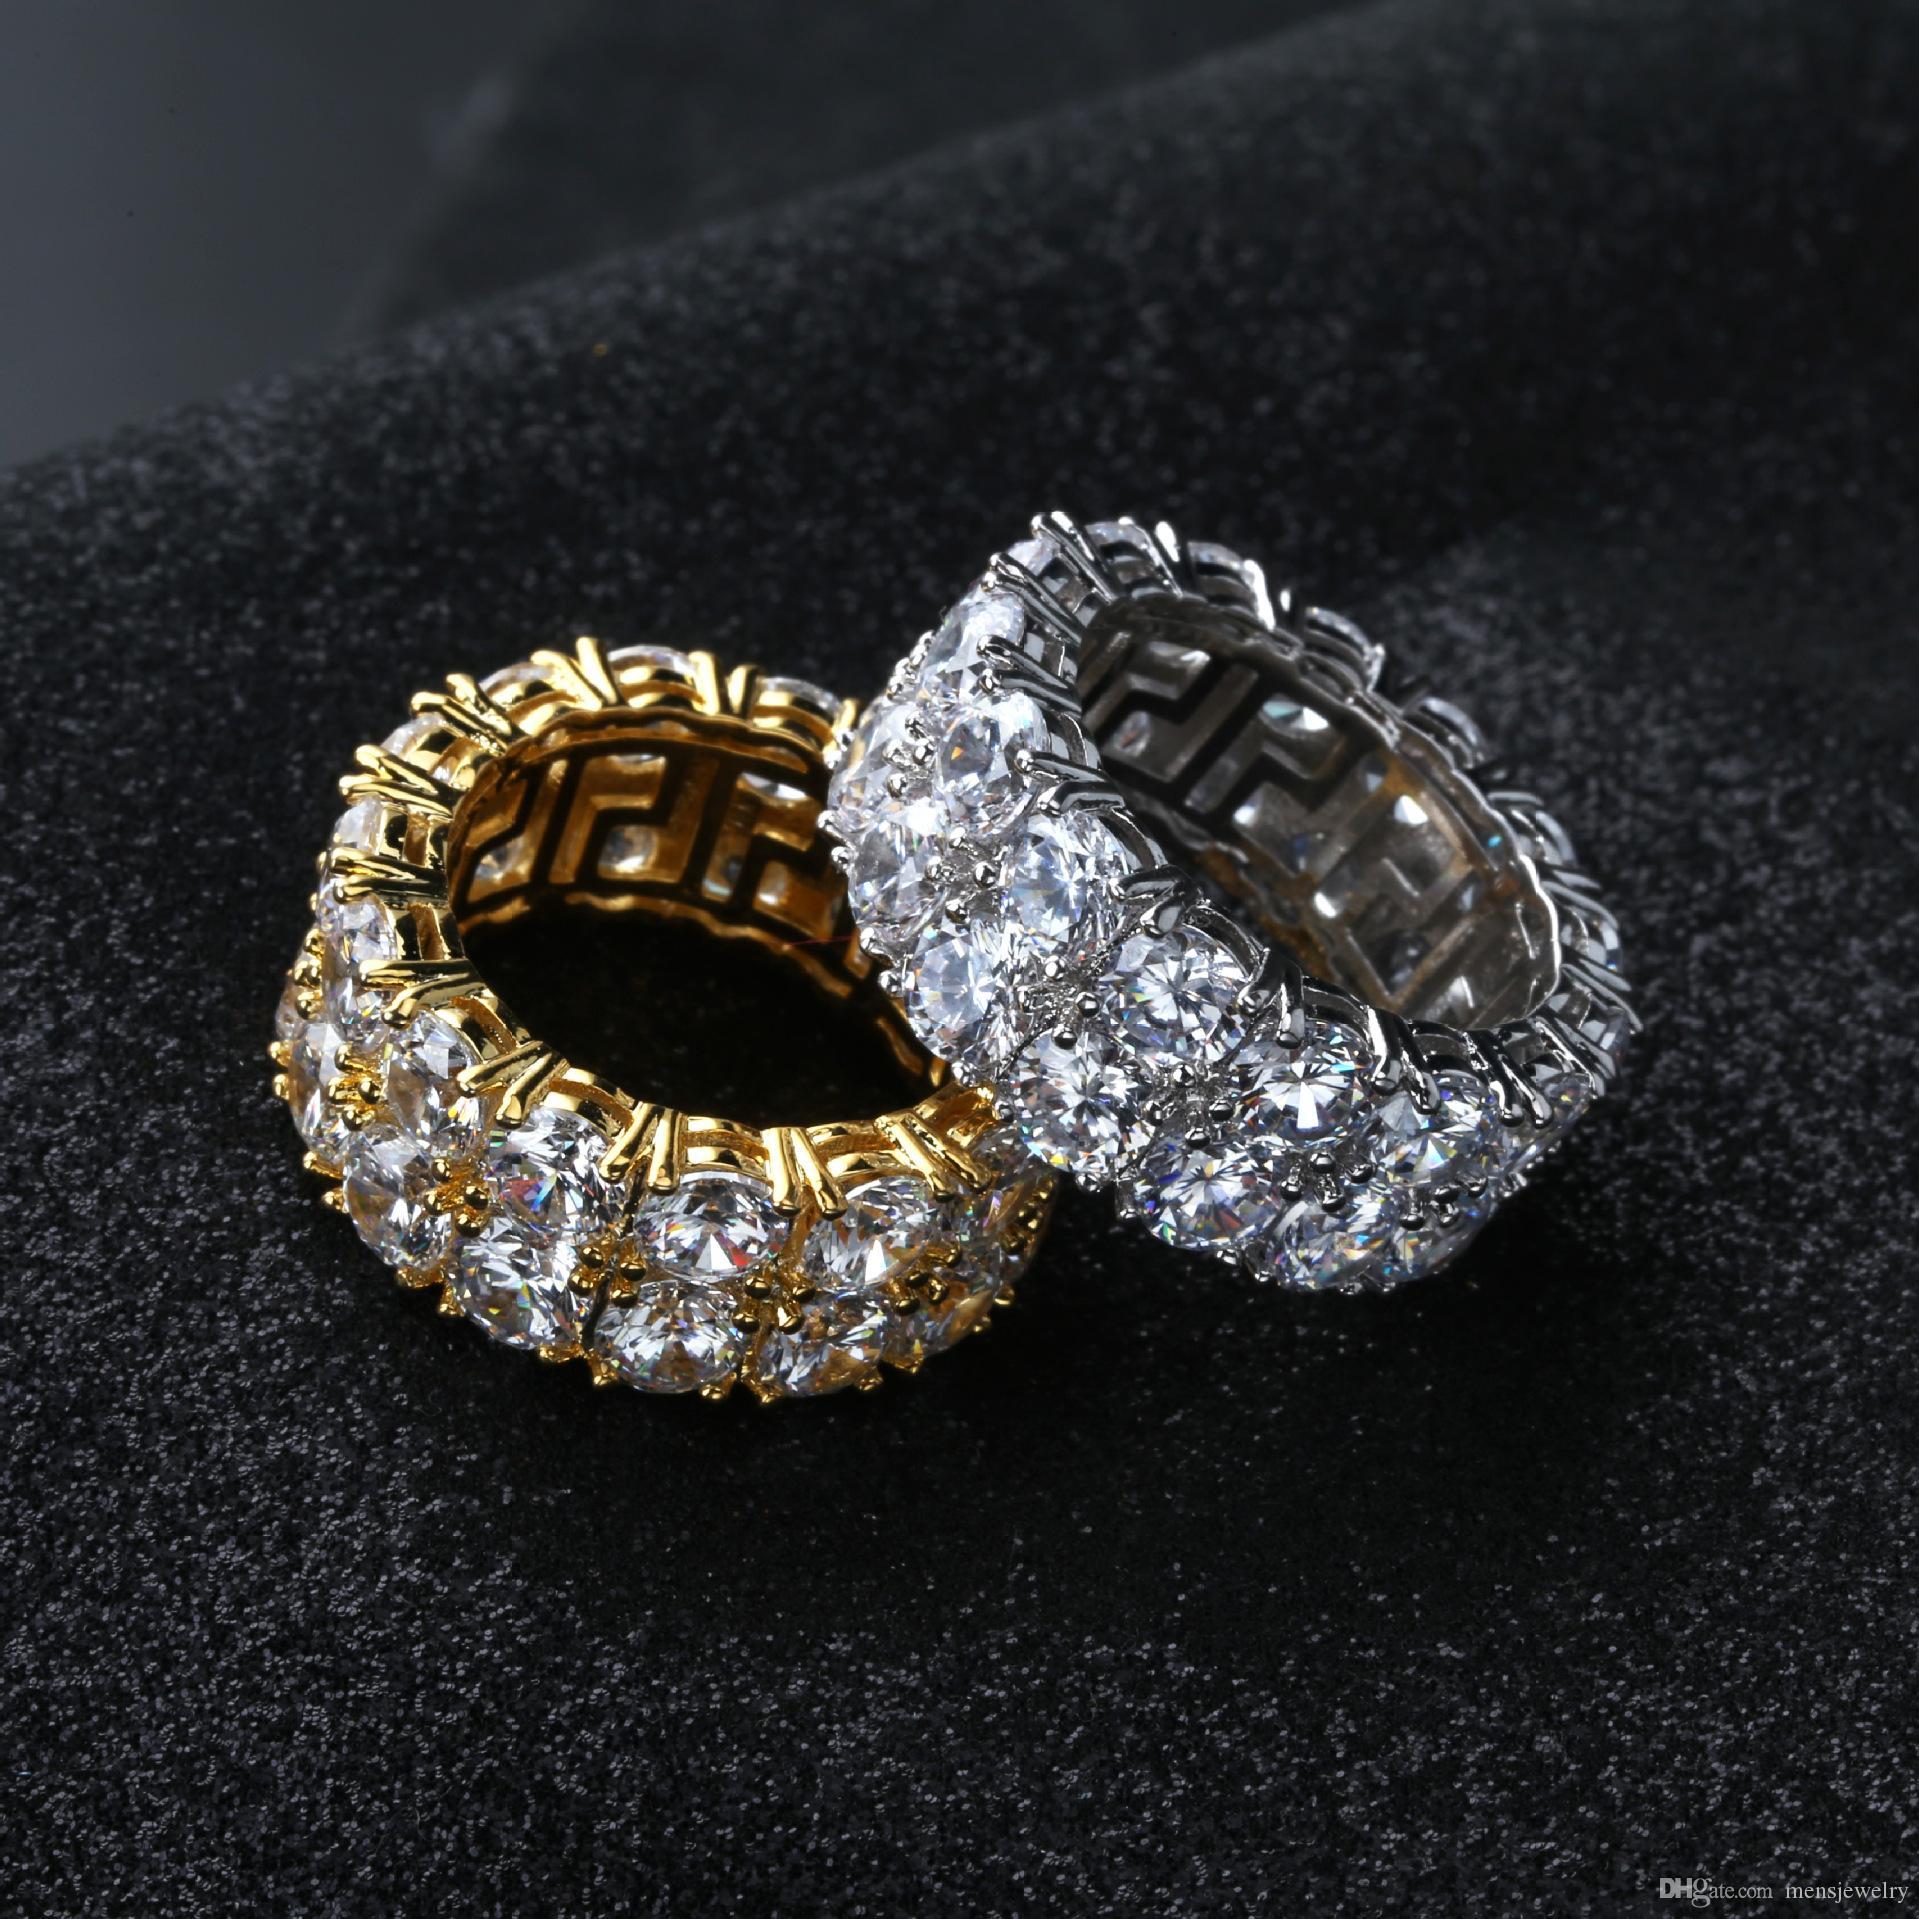 Designer de luxo jóias mens anéis hip hop jóias geladas fora diamante anel casamento engajamento de ouro dedo prata encantos hiphop acessórios